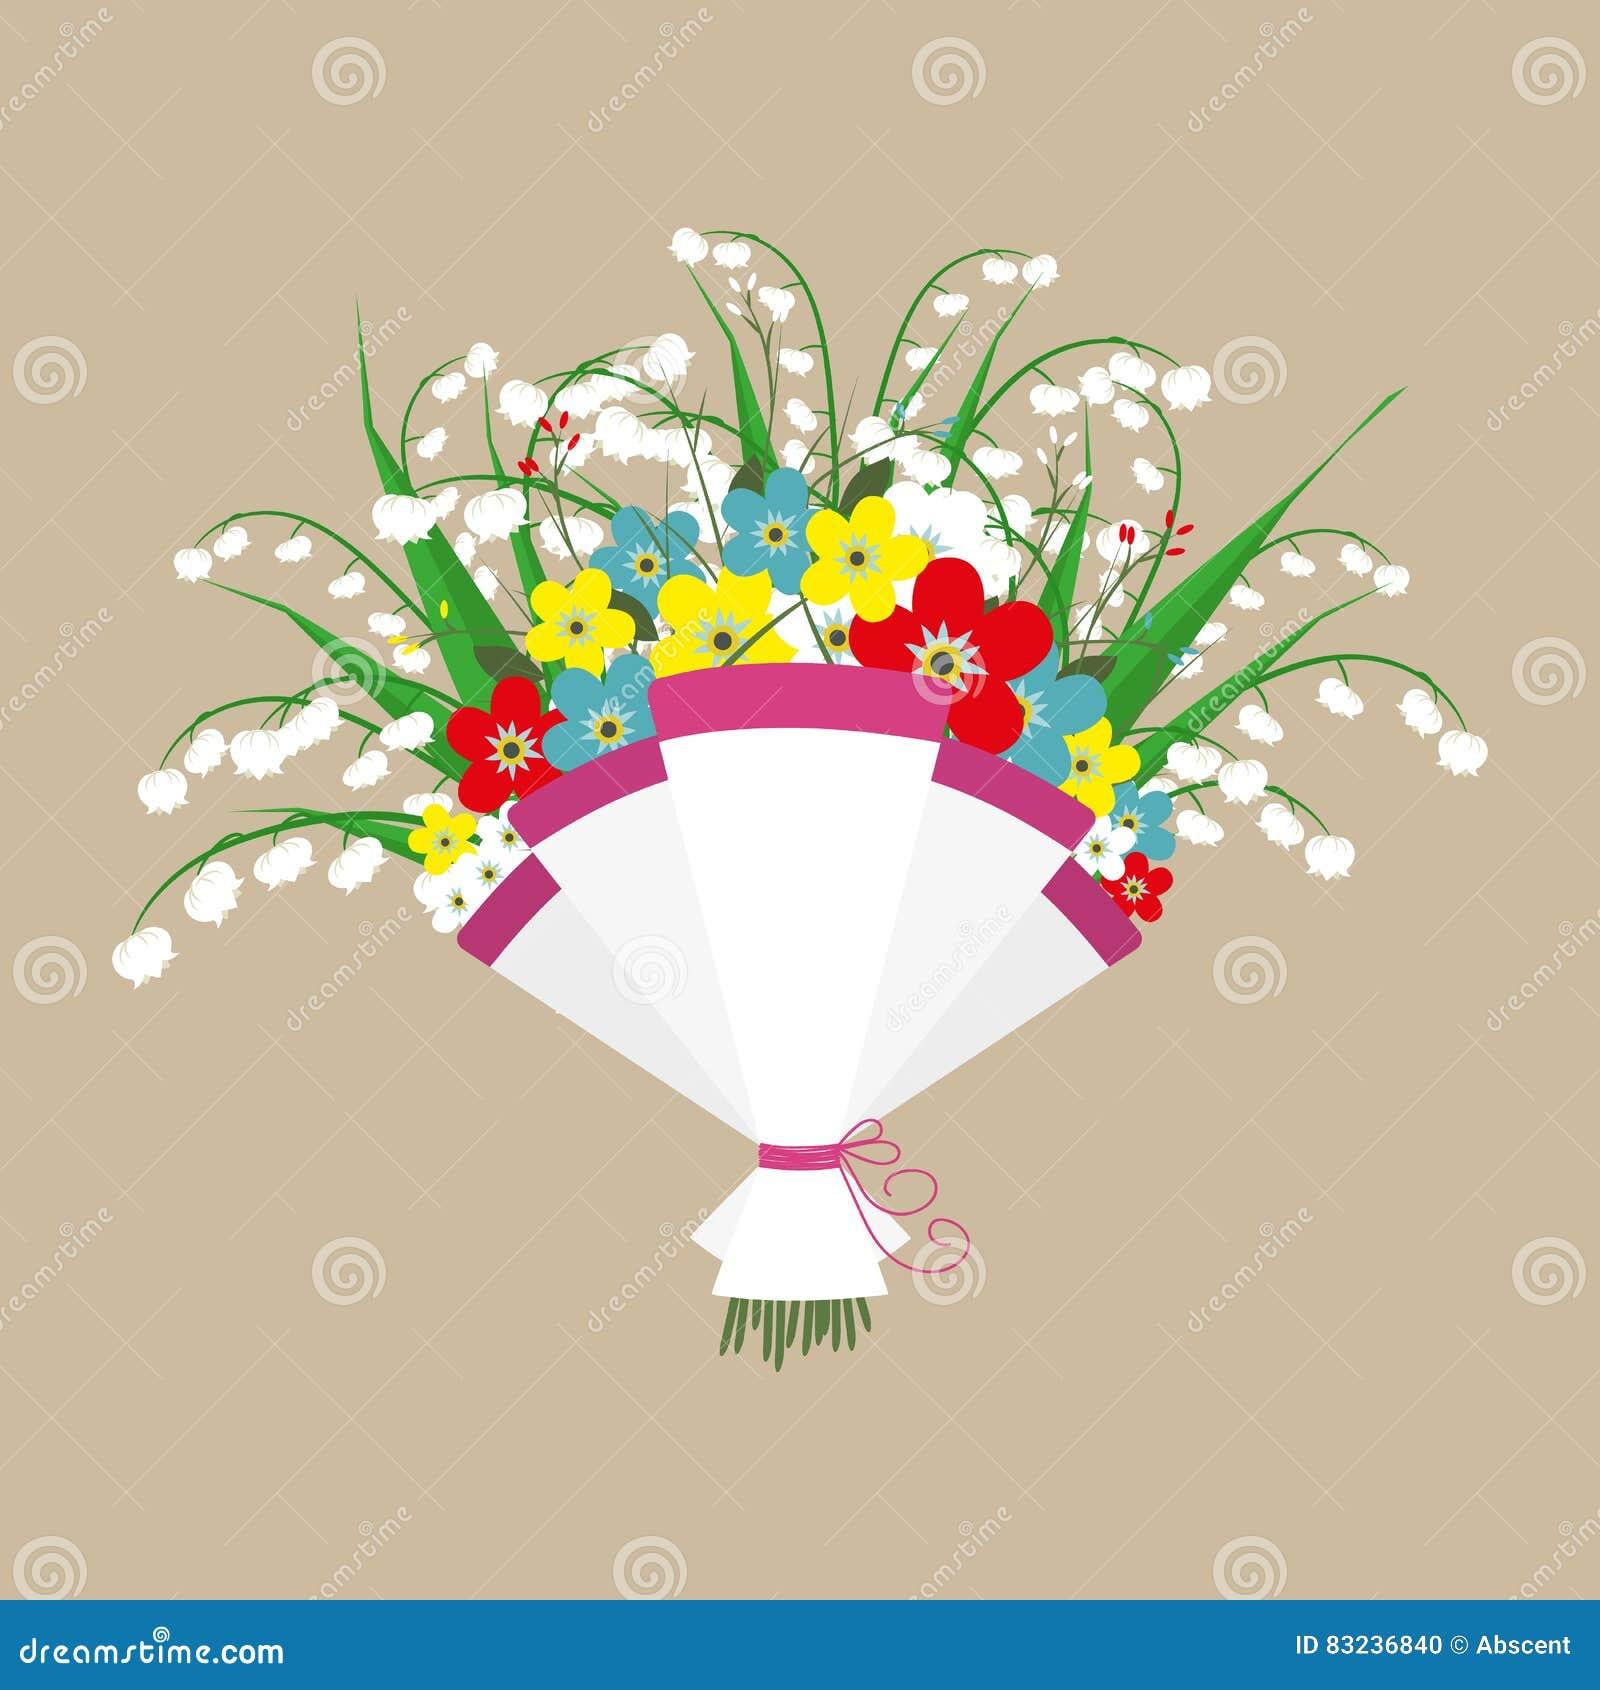 Cute bouquet of flowers stock vector illustration of flores 83236840 cute bouquet of flowers wedding bouquet flowers birthday bouquet flowers vector illustration in flat design izmirmasajfo